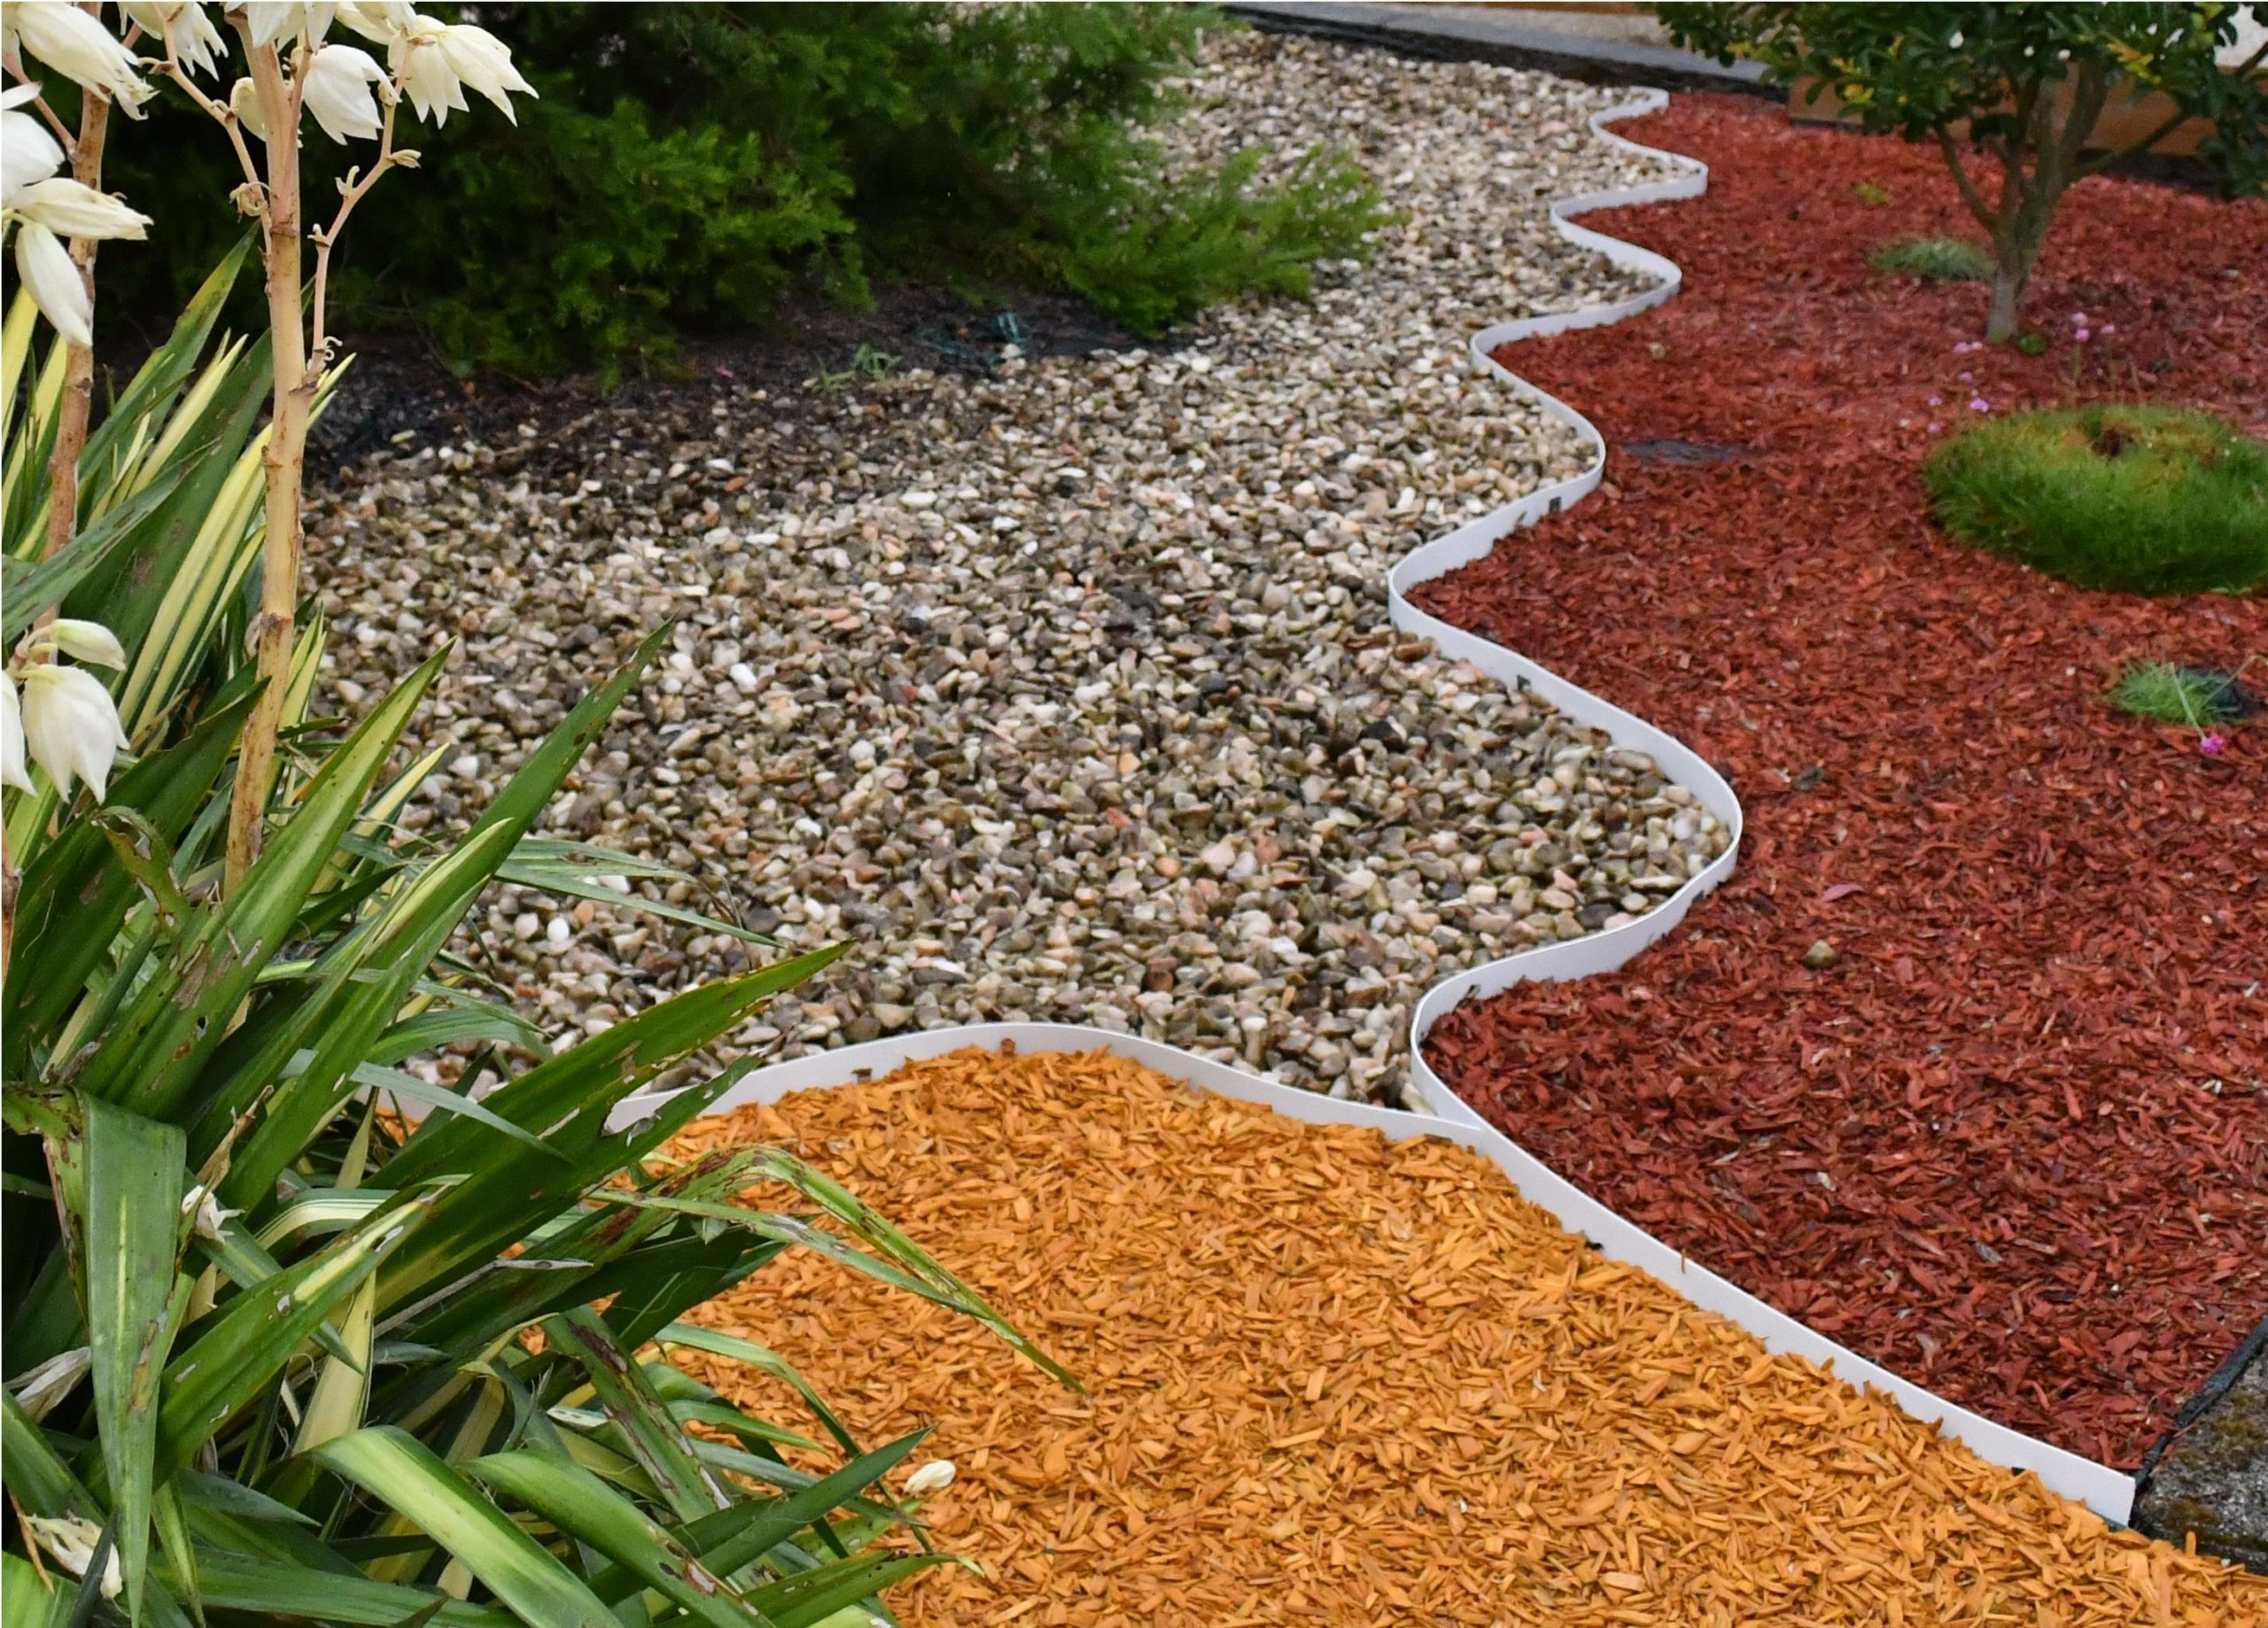 Bordure - Volige De Jardin En Pvc Recyclé Et Recyclable ... encequiconcerne Bordure Jardin Pvc